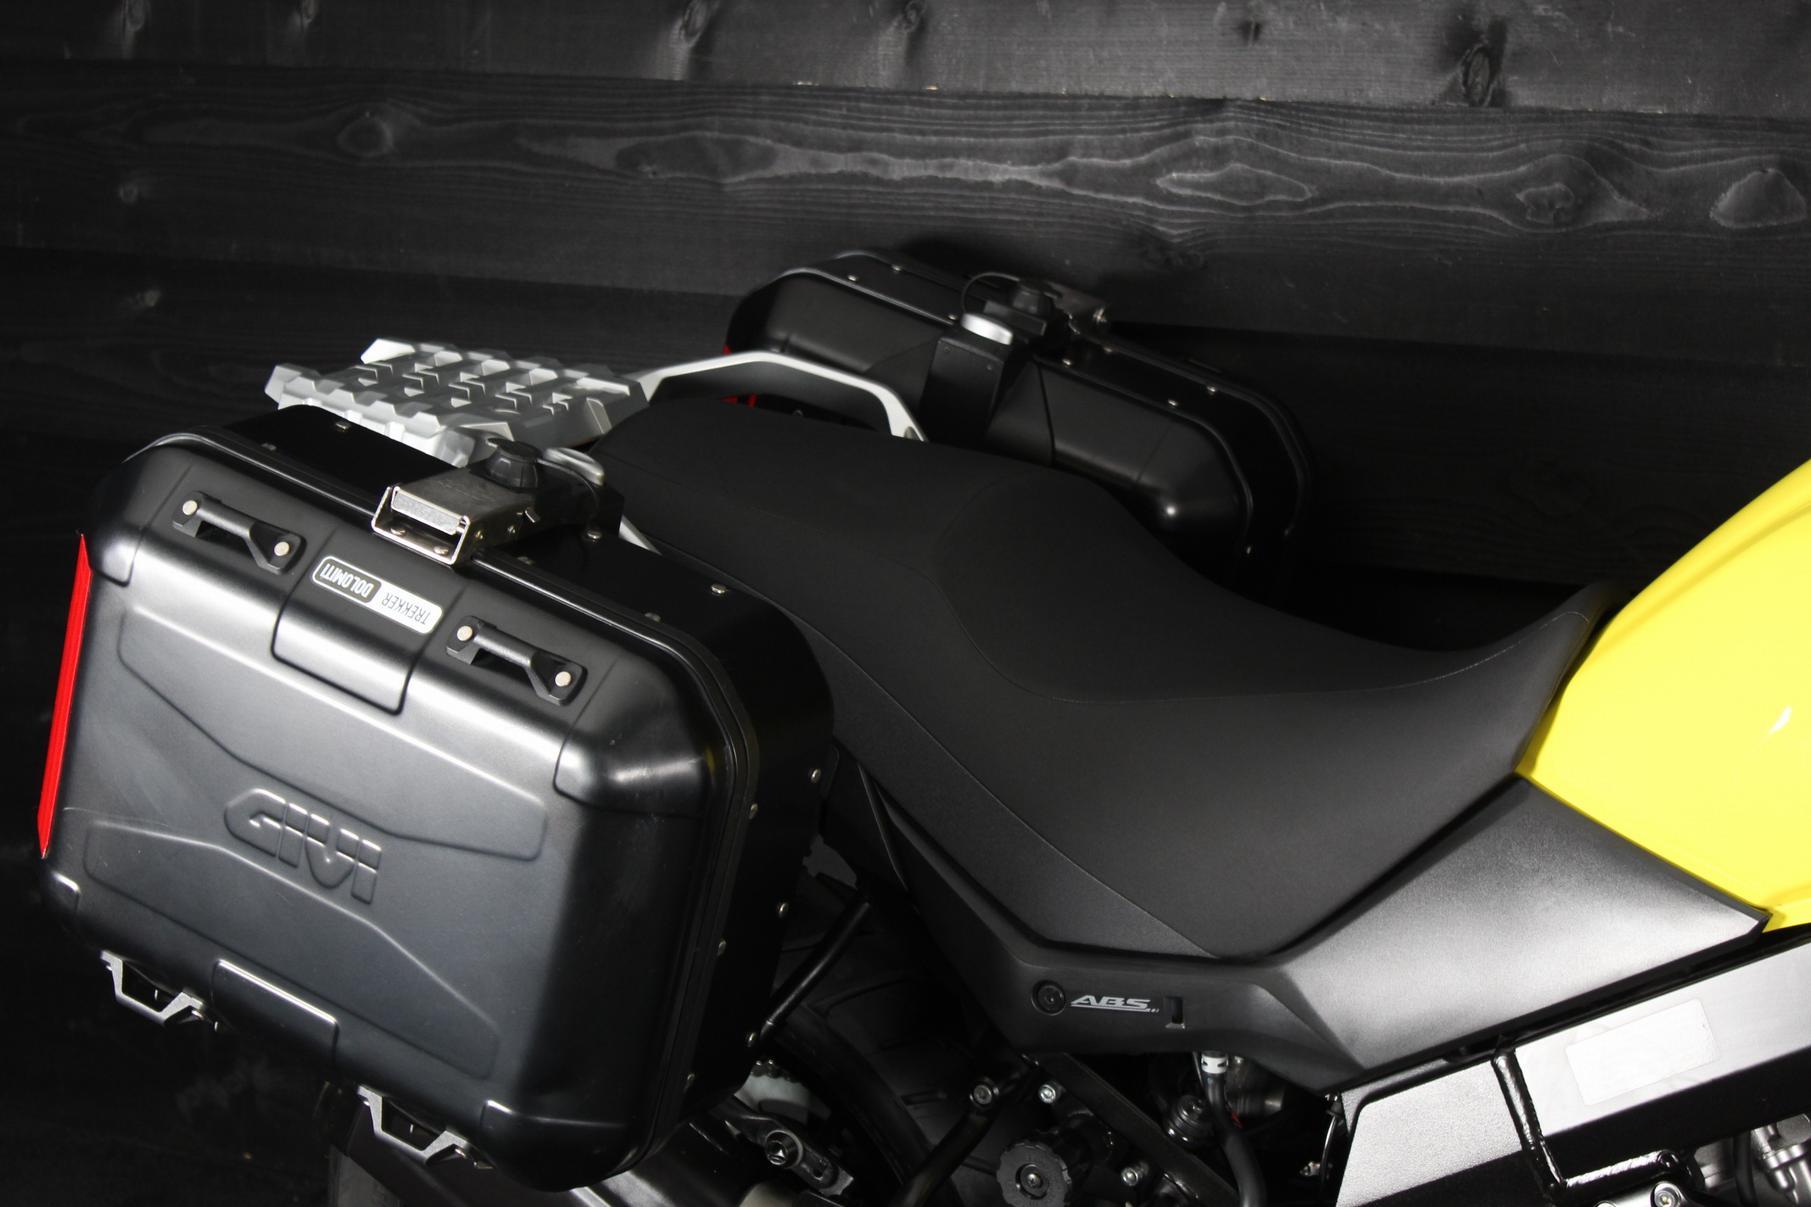 SUZUKI - DL 650 V-Strom ABS Touring